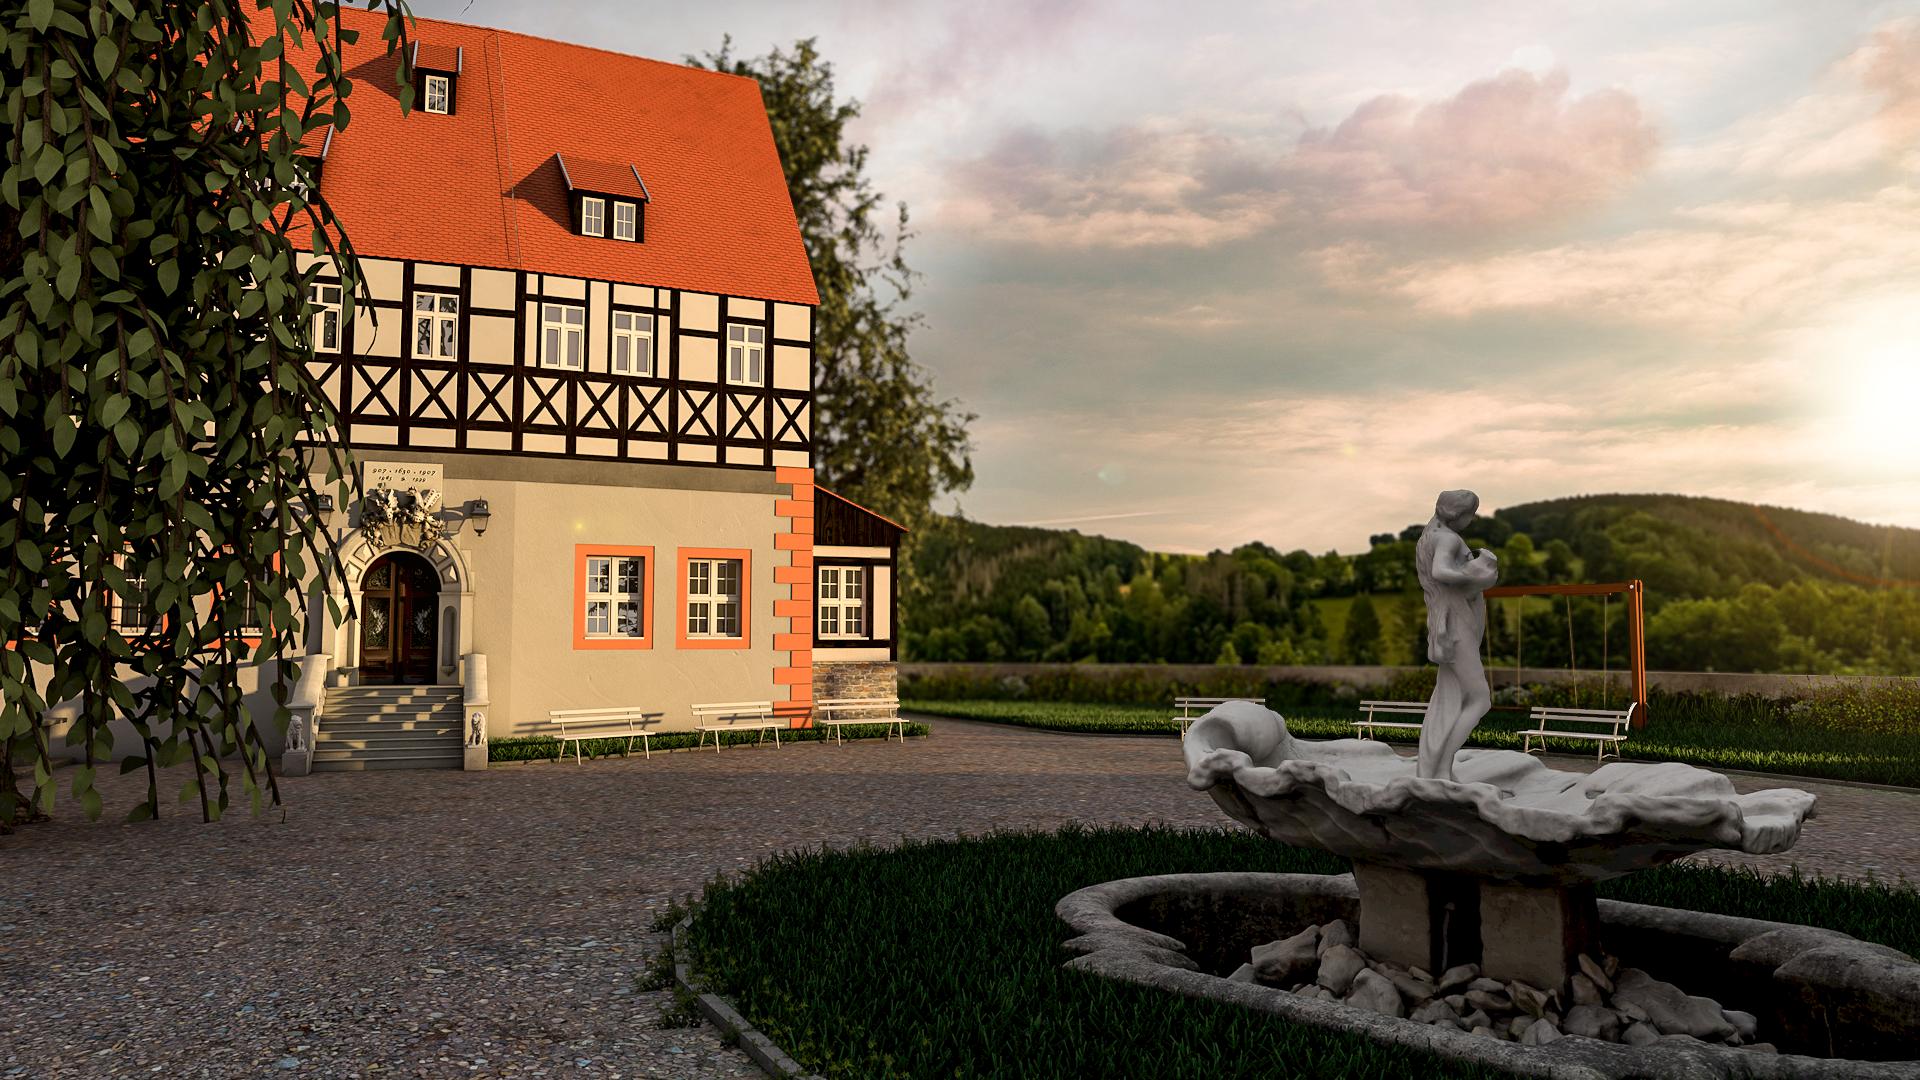 Schloss-mit_Brunnen_ohne_Rahmen